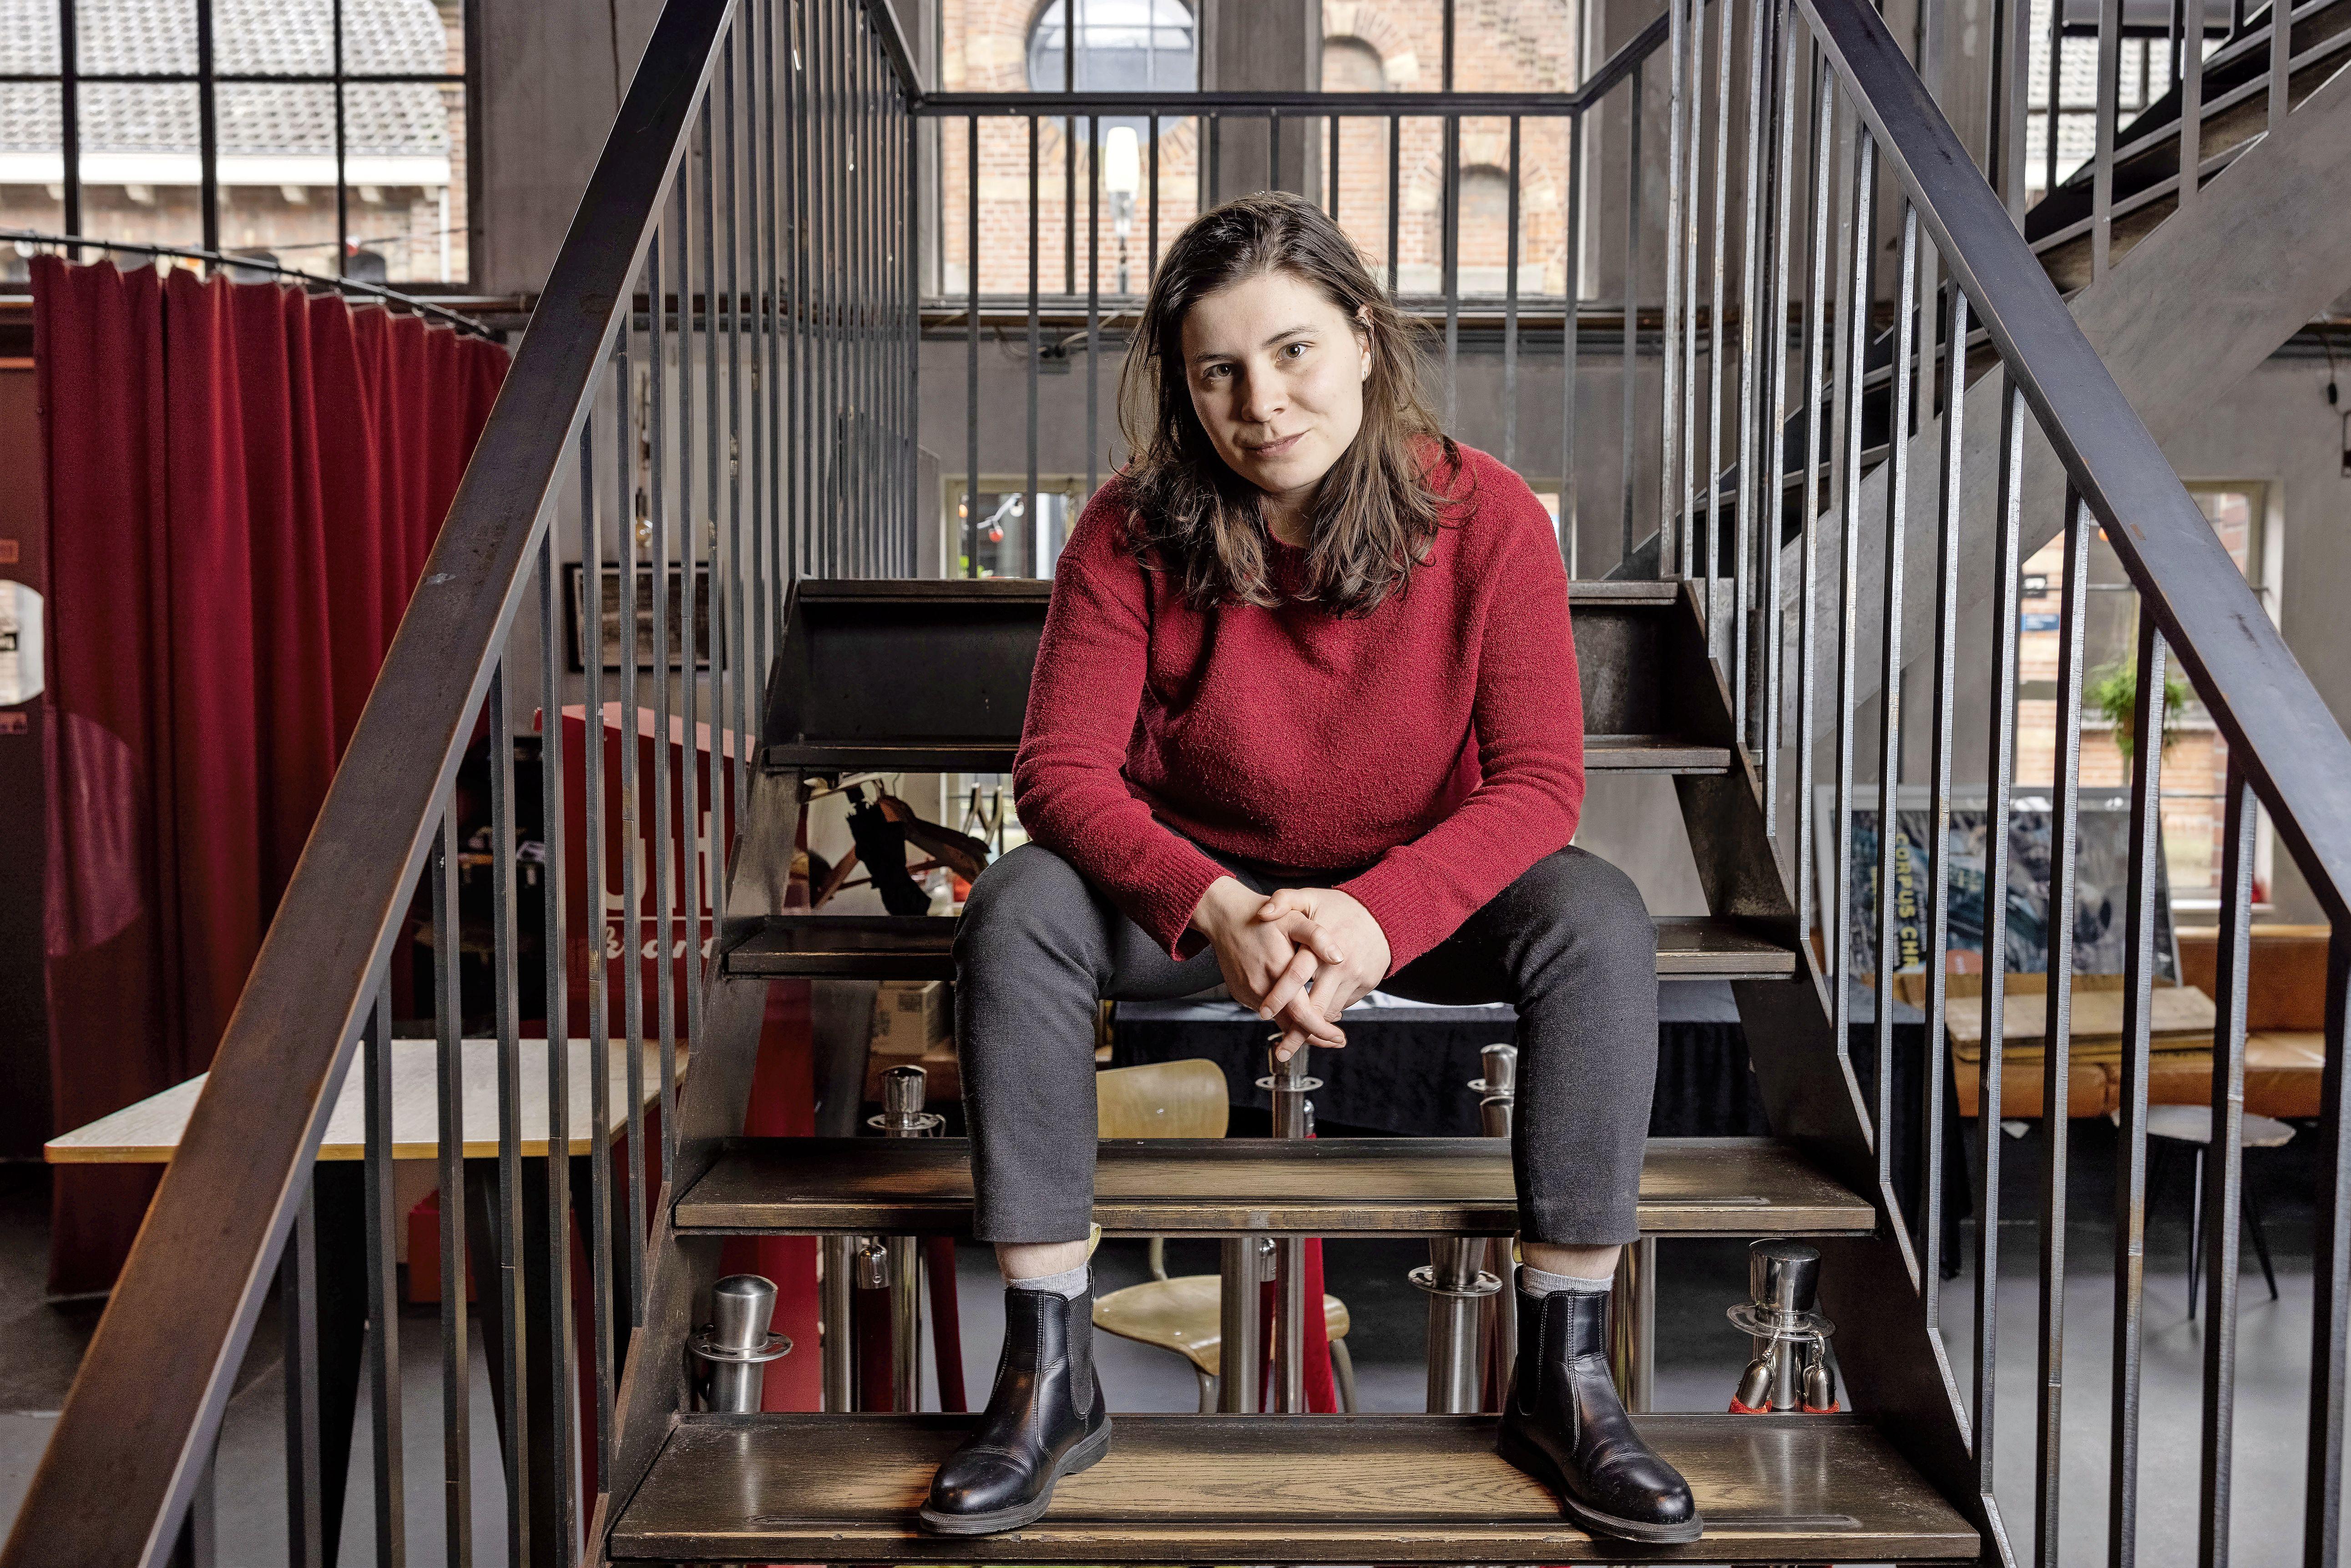 Regisseur Valerie Bisscheroux is nog niet klaar met 'Anne+': 'Dat mensen zeggen dat de serie vernieuwend is, wil zeggen dat we er nog niet zijn'